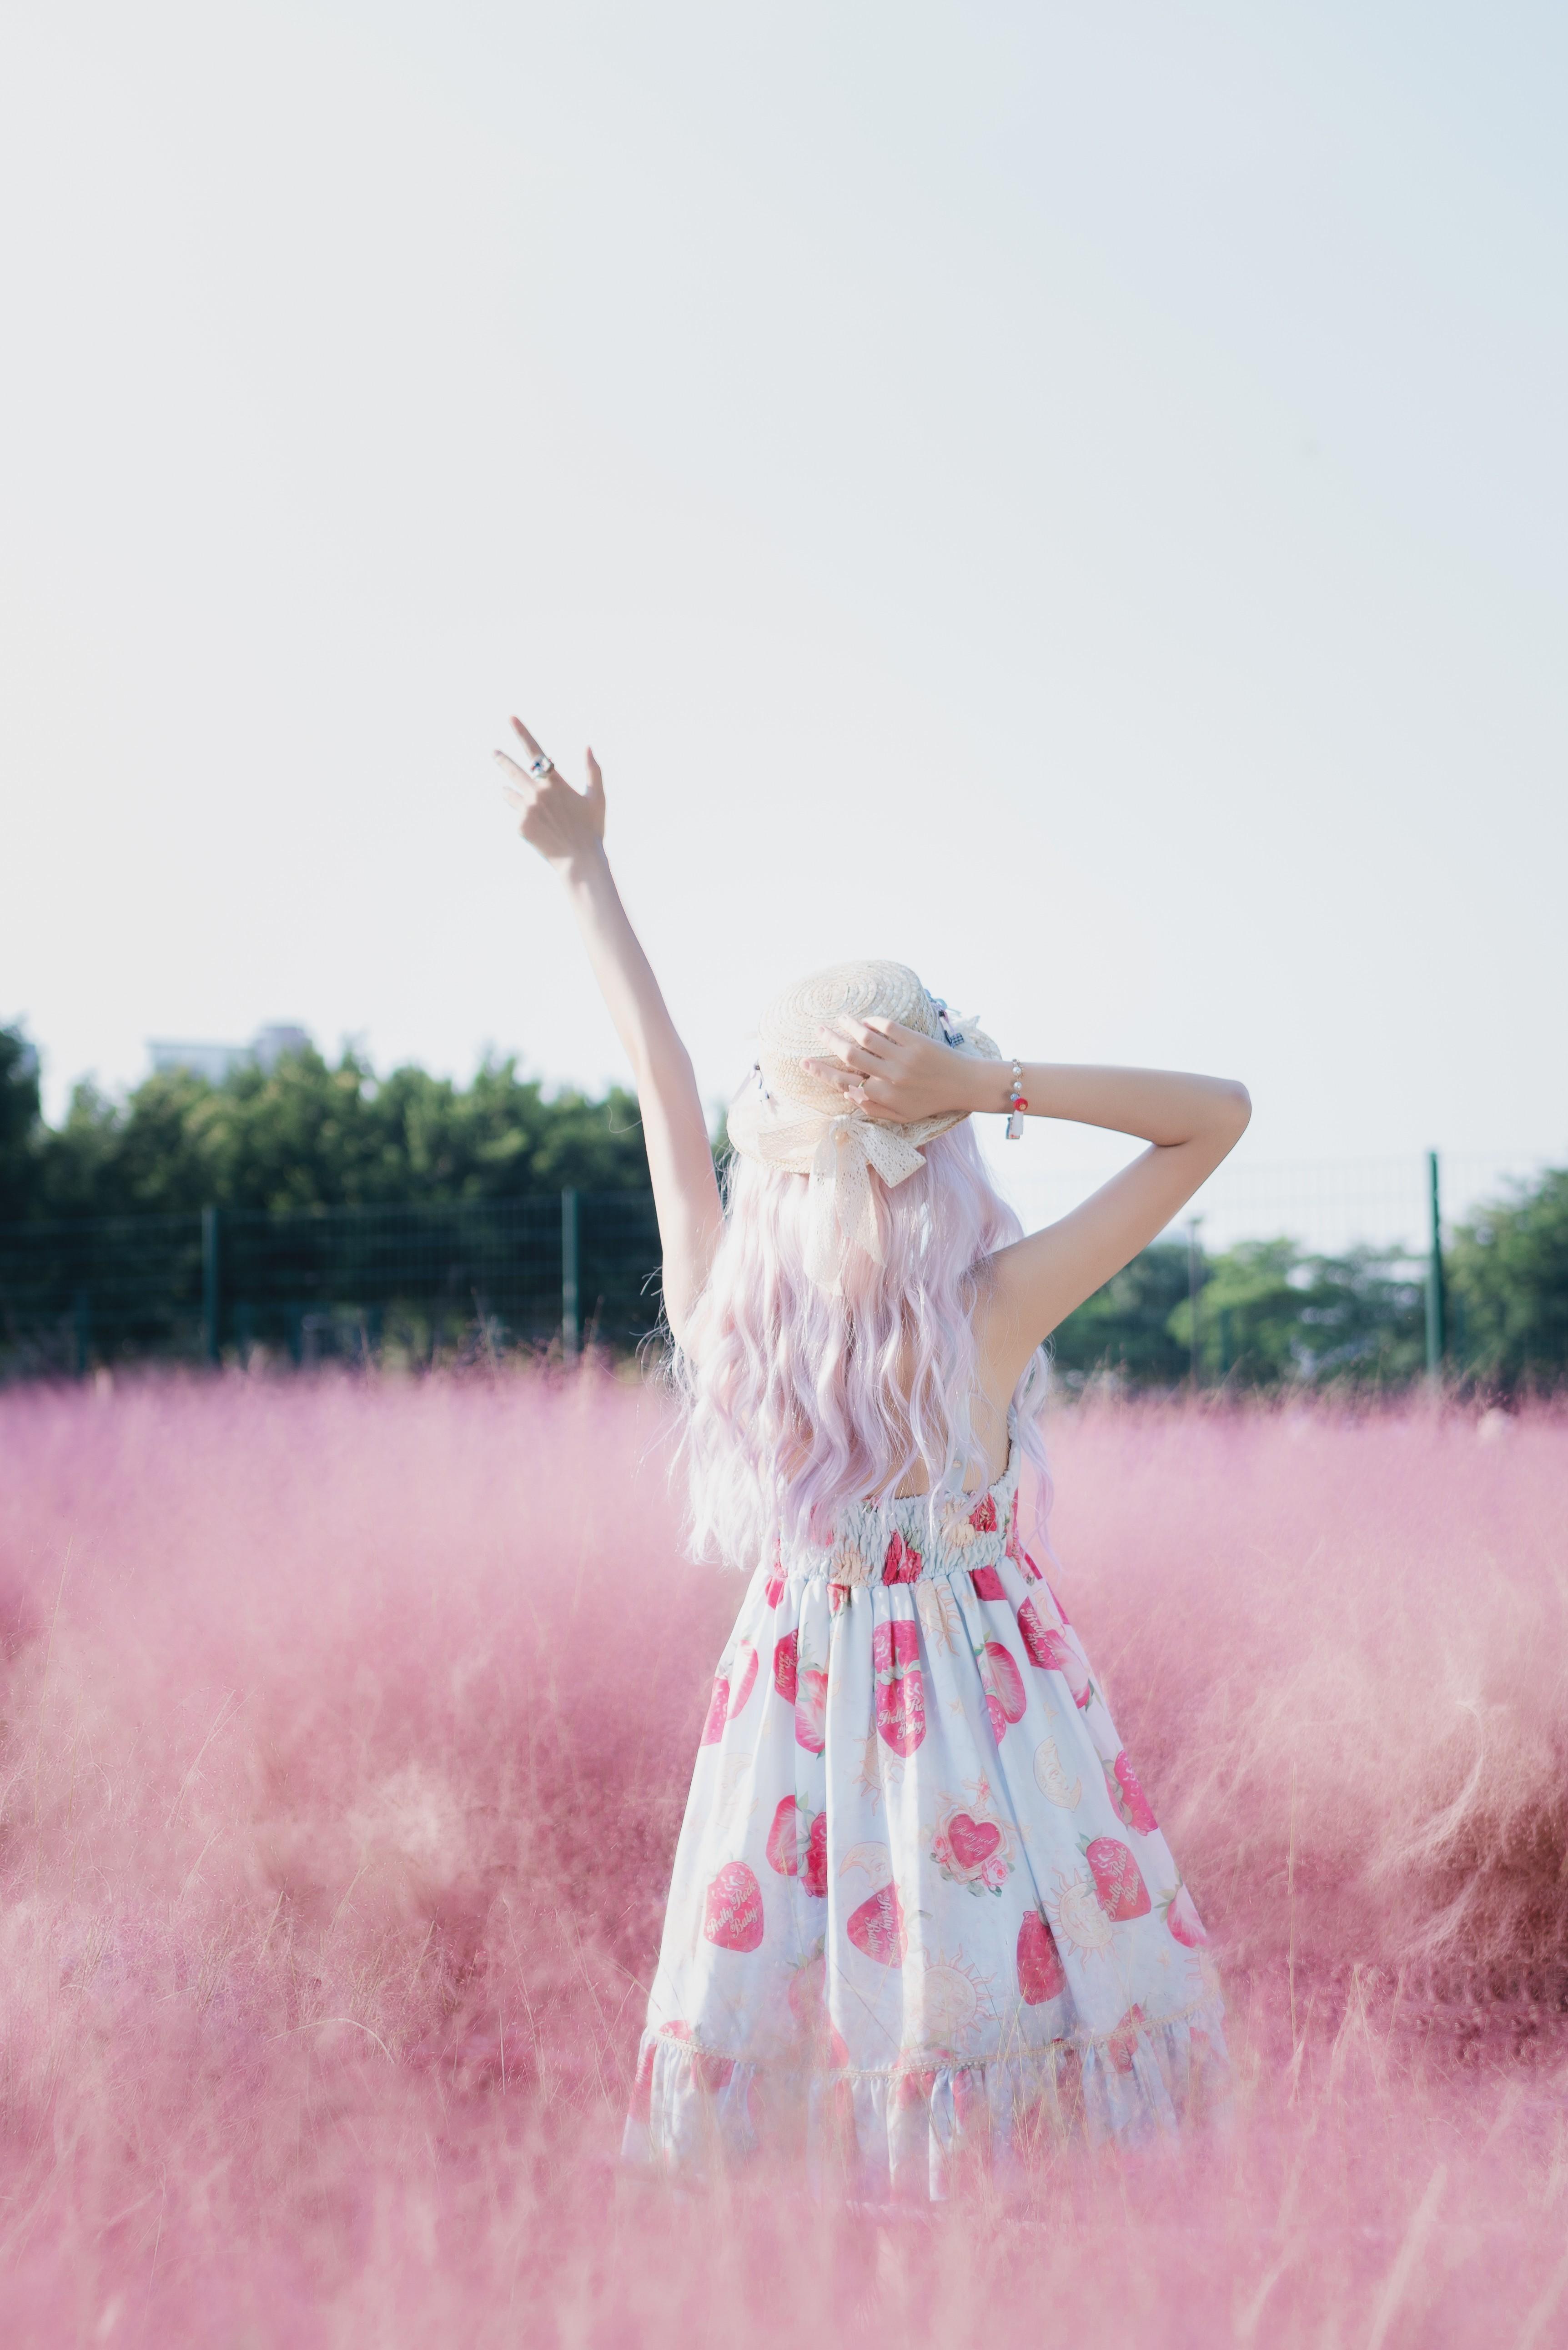 西瓜粉草写真,阳光下的粉色梦幻